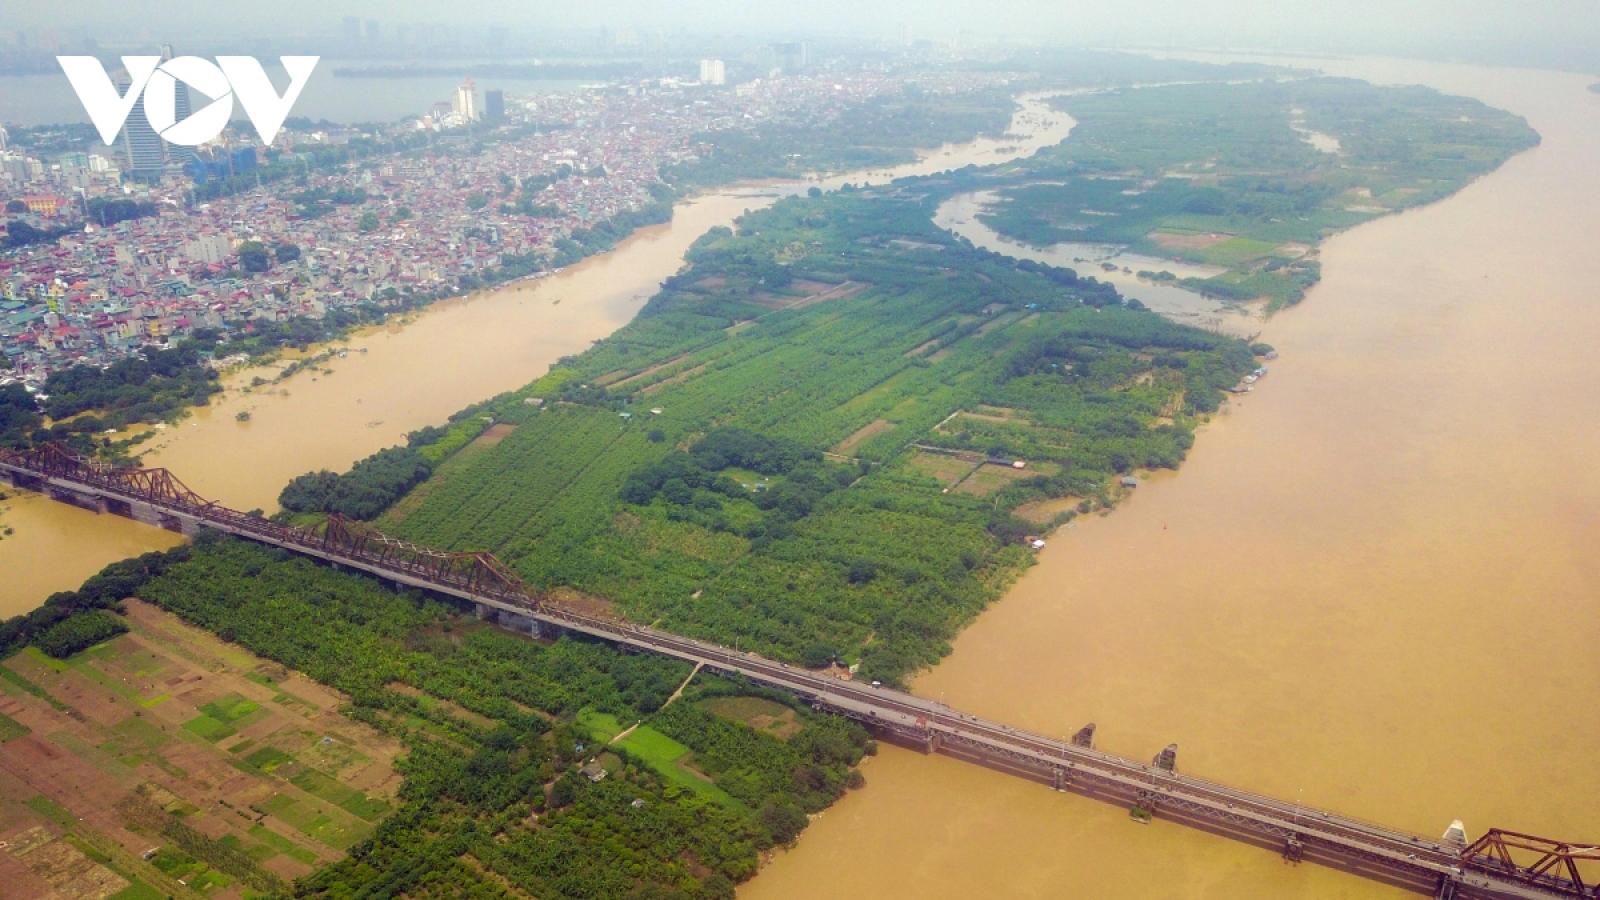 Hà Nội đề nghị Bộ NN&PTNT cho ý kiến về quy hoạch khu đô thị sông Hồng